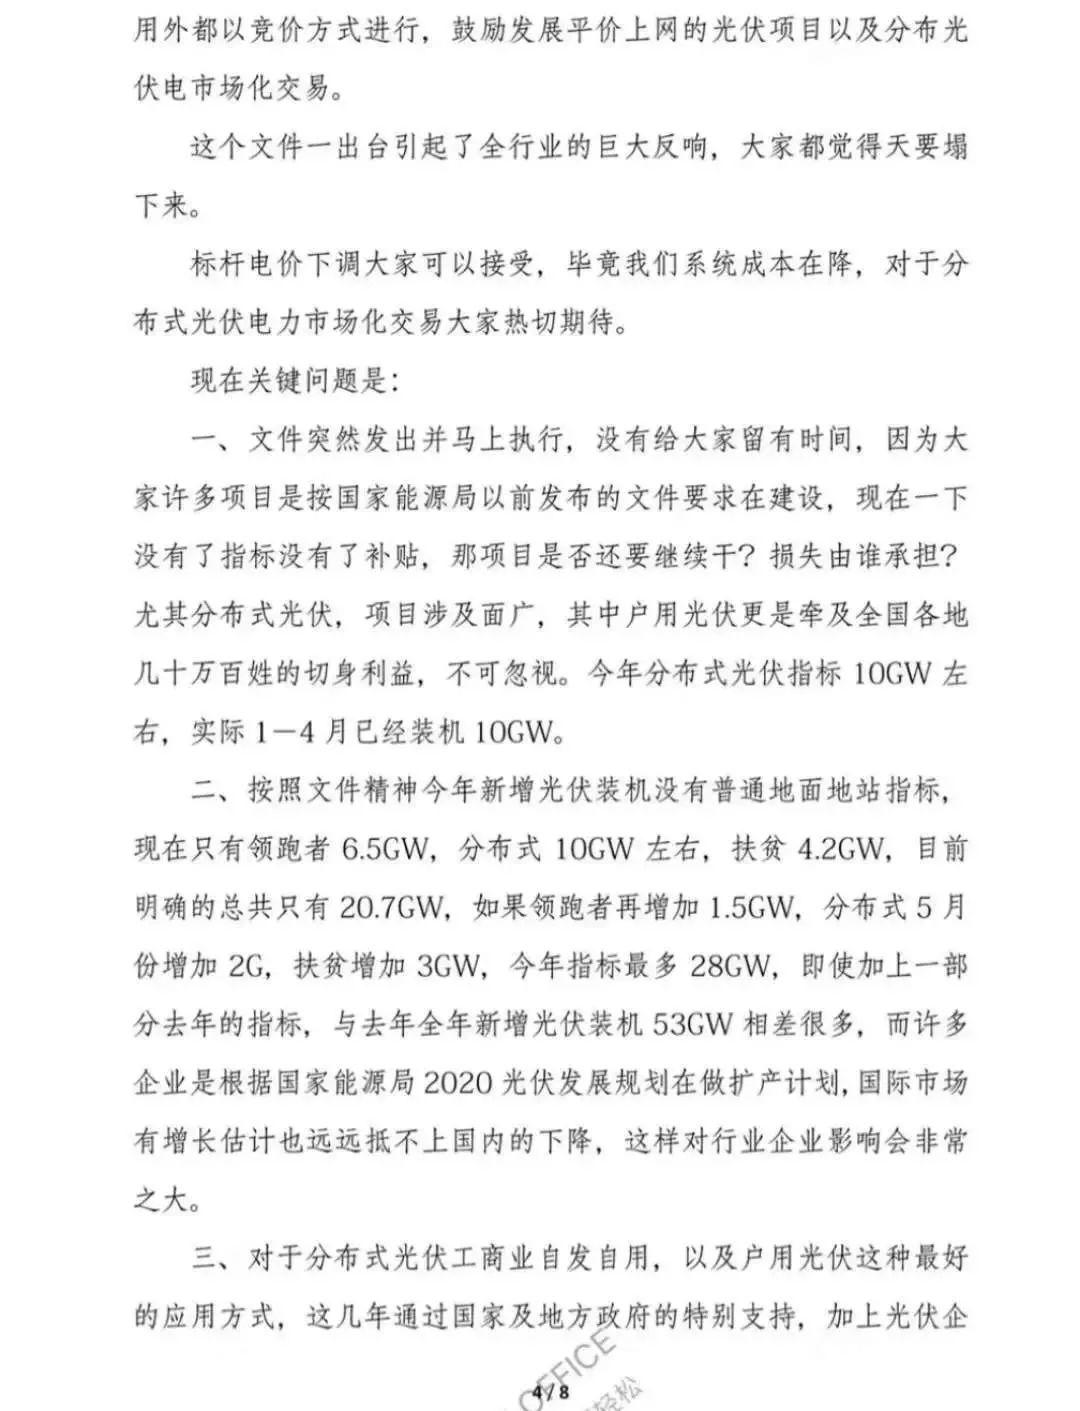 光伏大佬致信新华社:望主管部门听取行业合理诉求